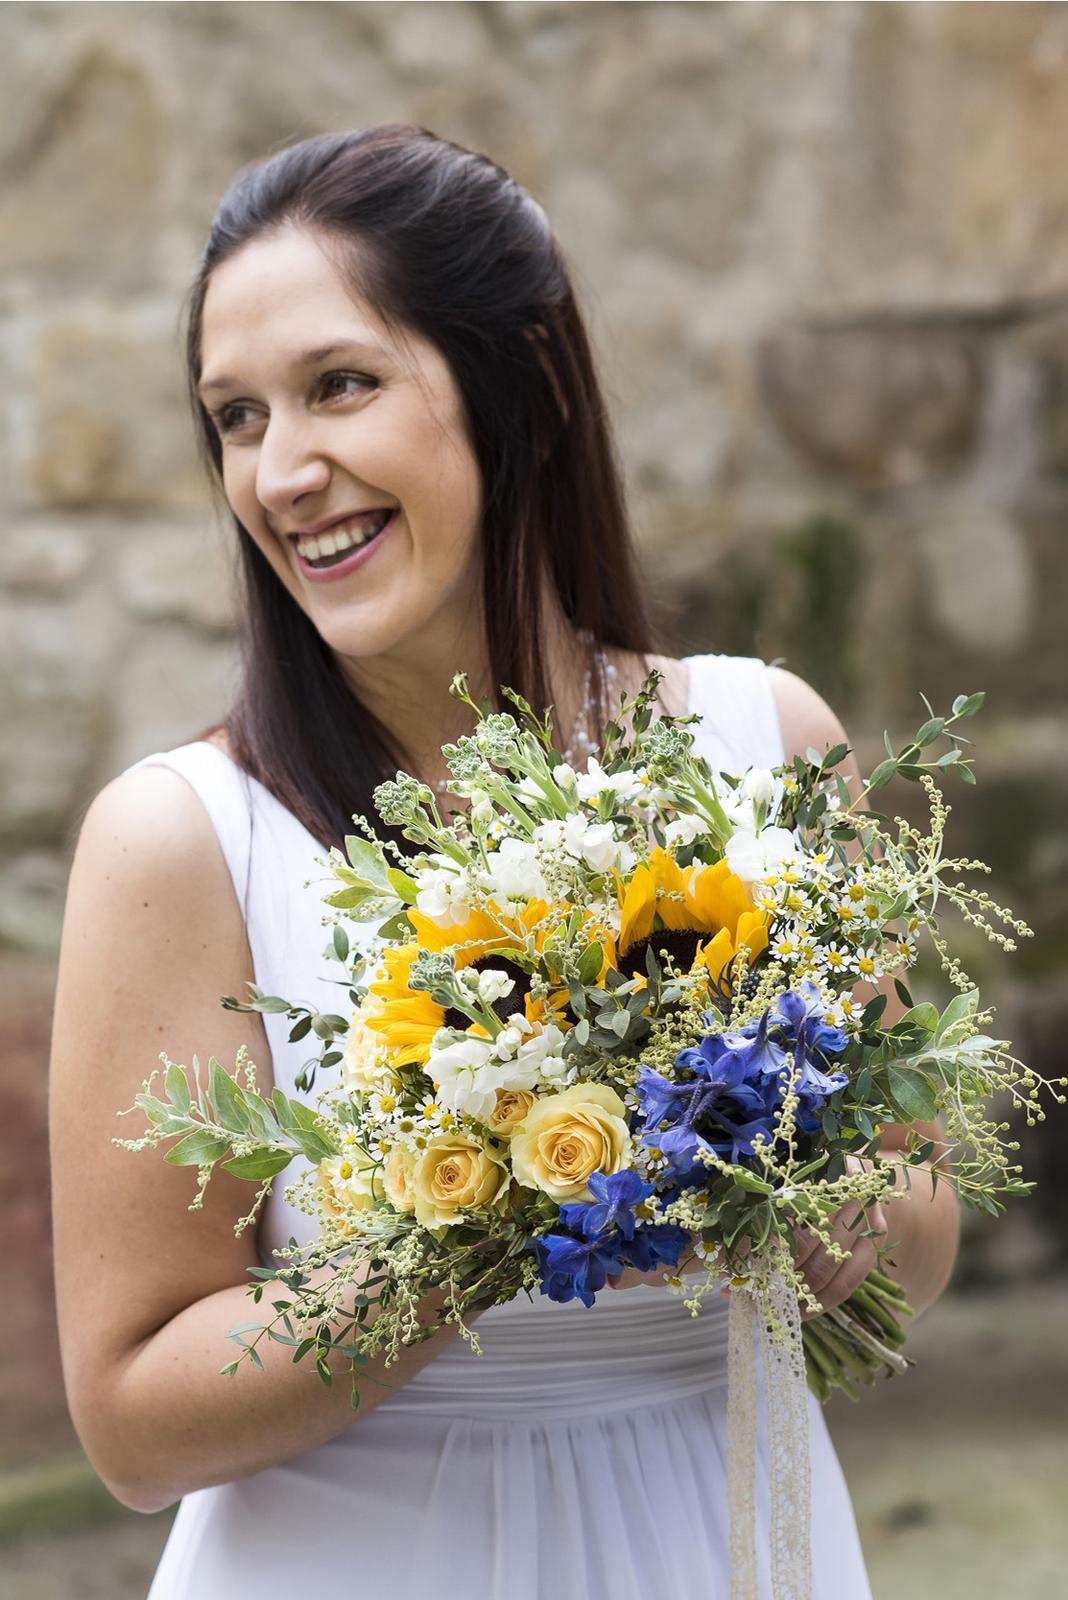 janakatka - letní svatební kytice se slunečnicí